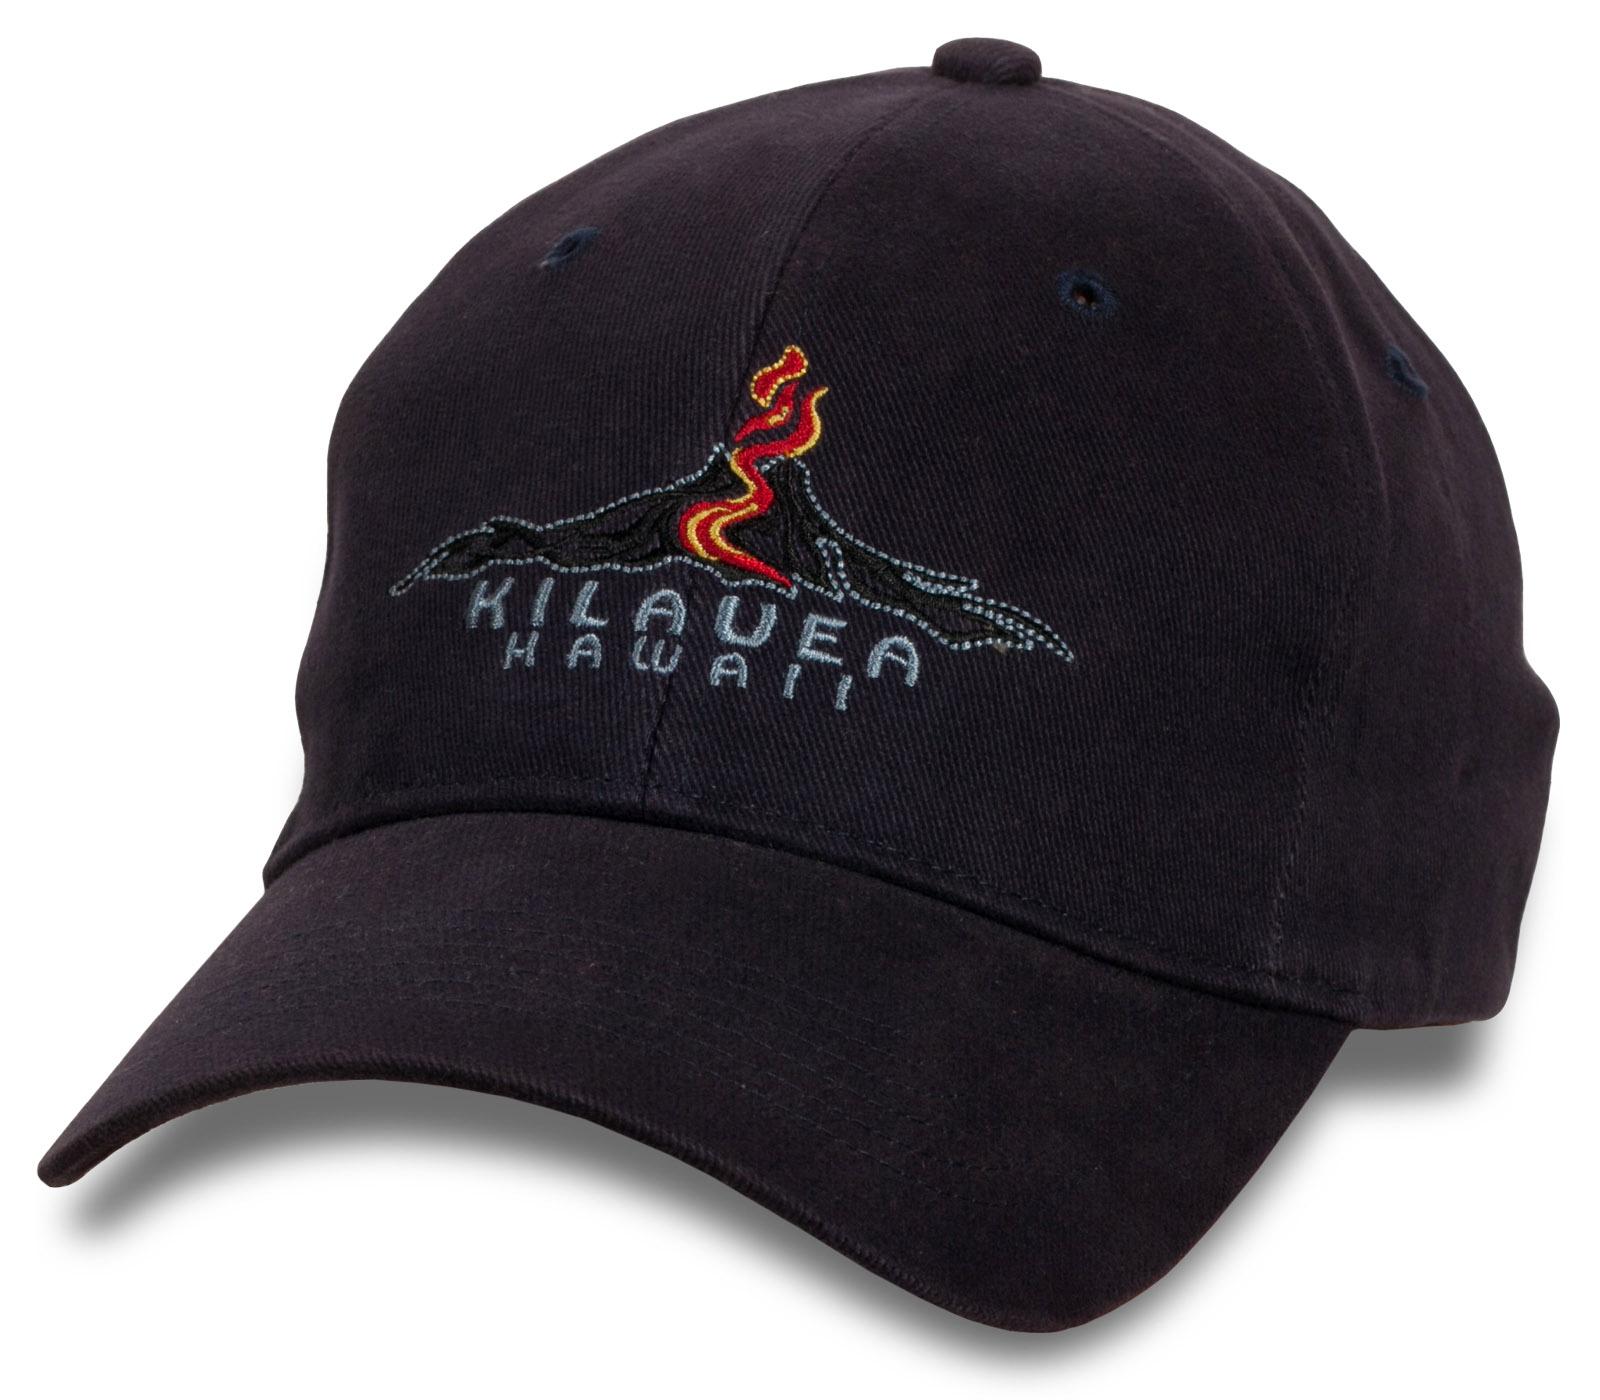 Оригинальная бейсболка Kilauea Hawaii.